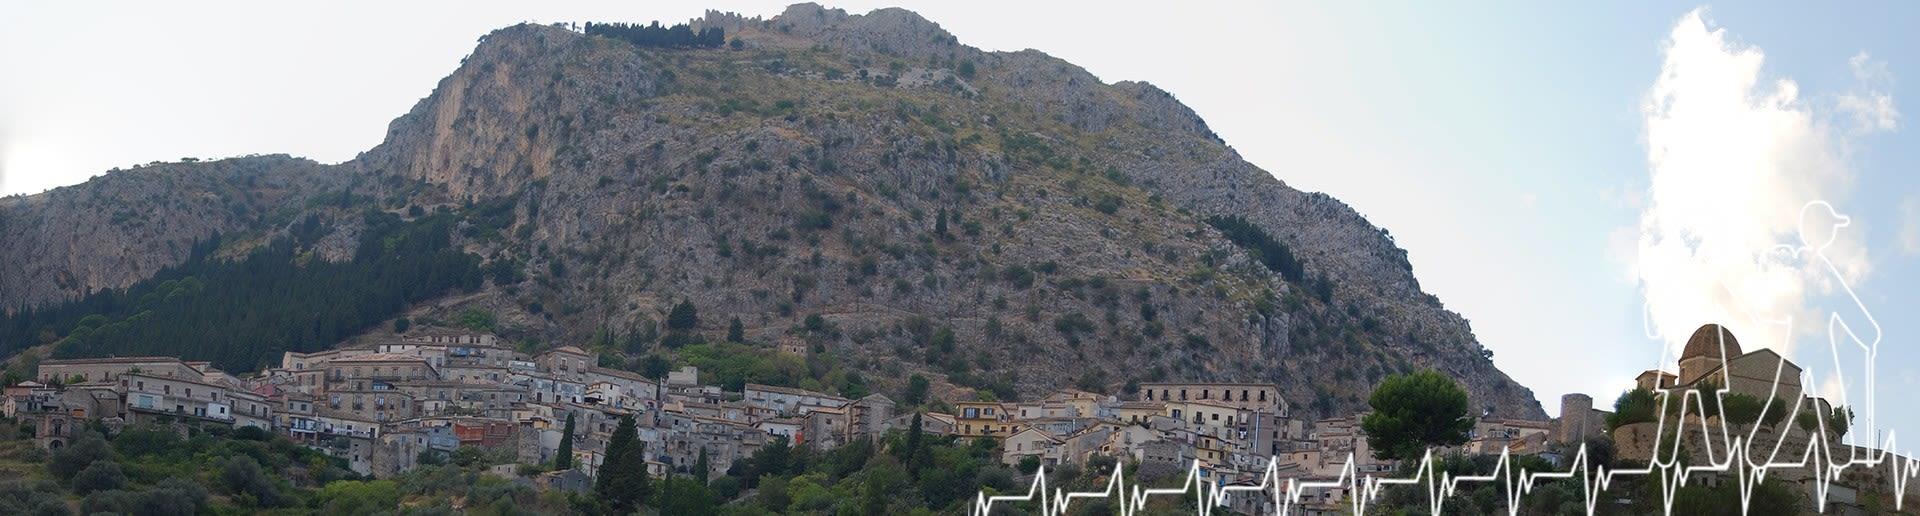 Stilo; Panorama su monte Consolino